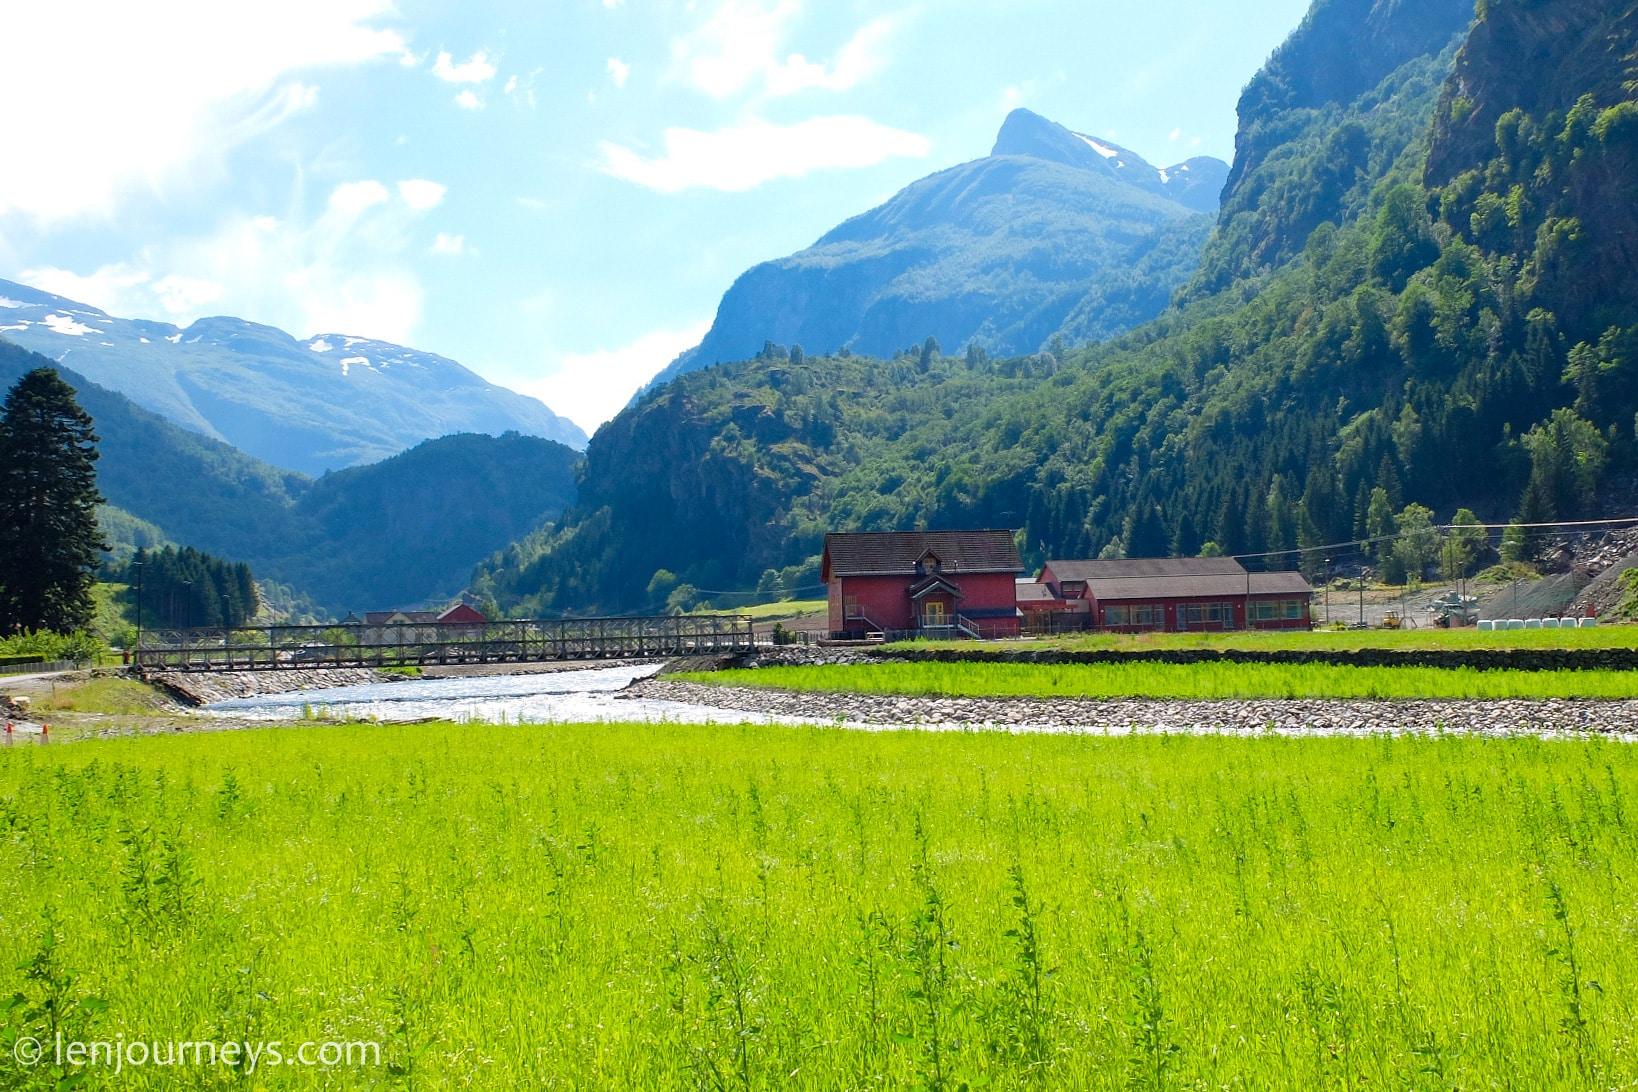 The village of Flåm